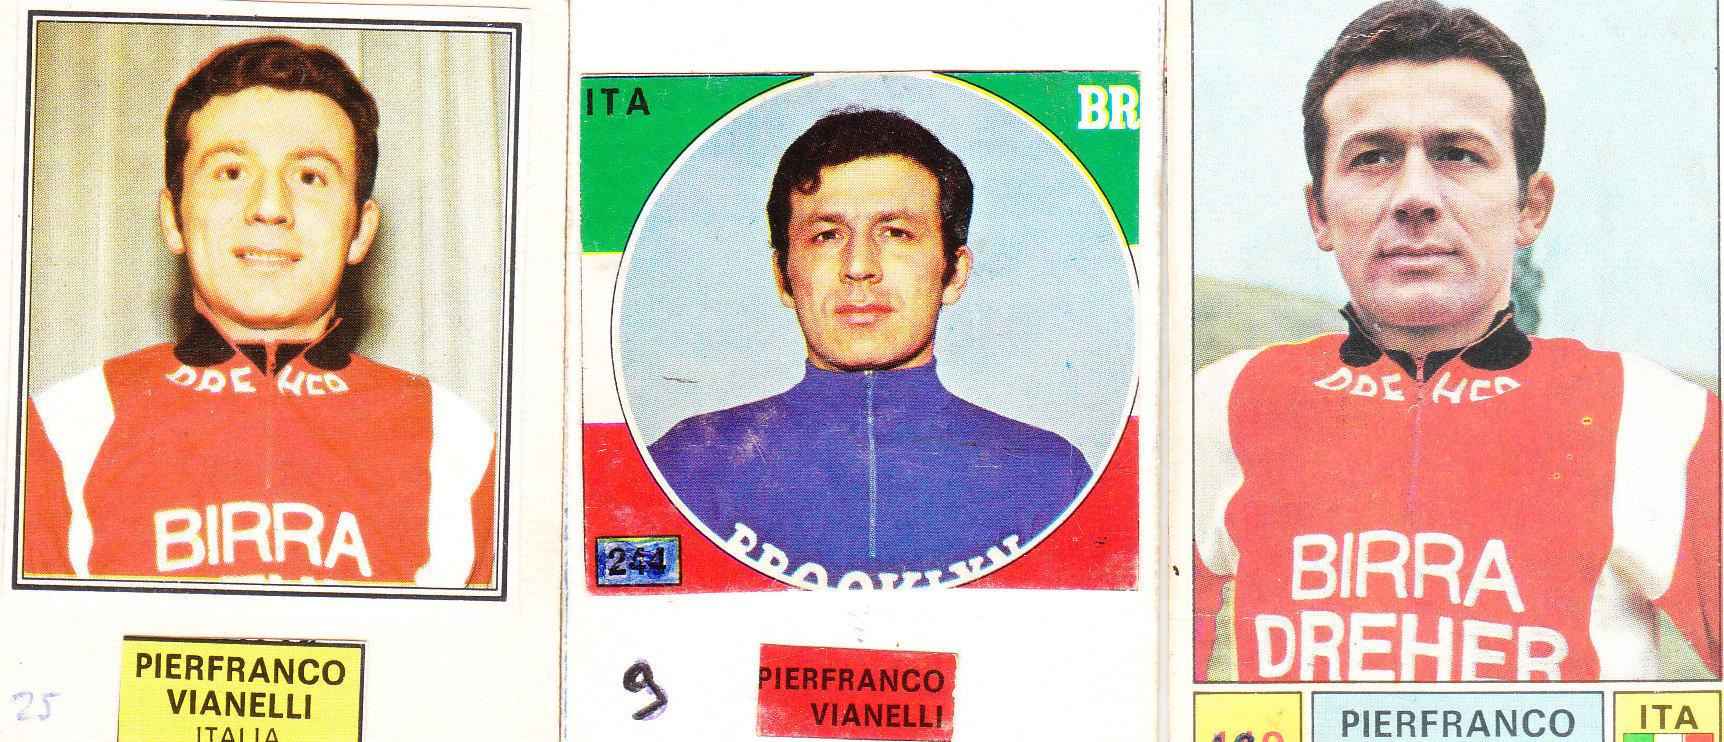 76-pierfranco-vianelli-1971-73